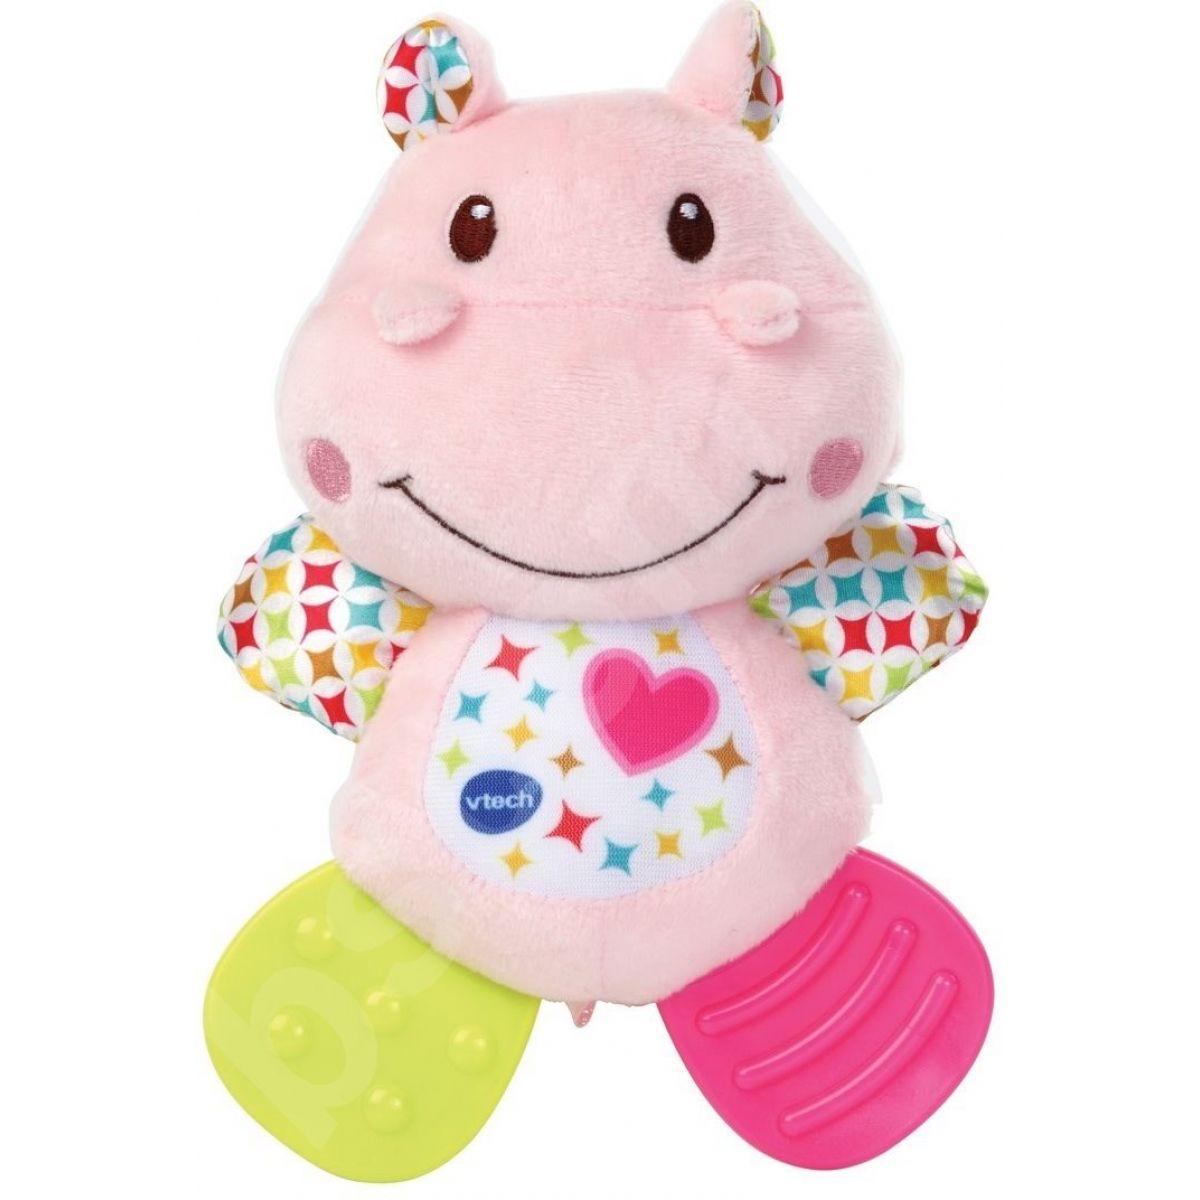 Vtech Prvý darček pre bábätko CZ - ružový